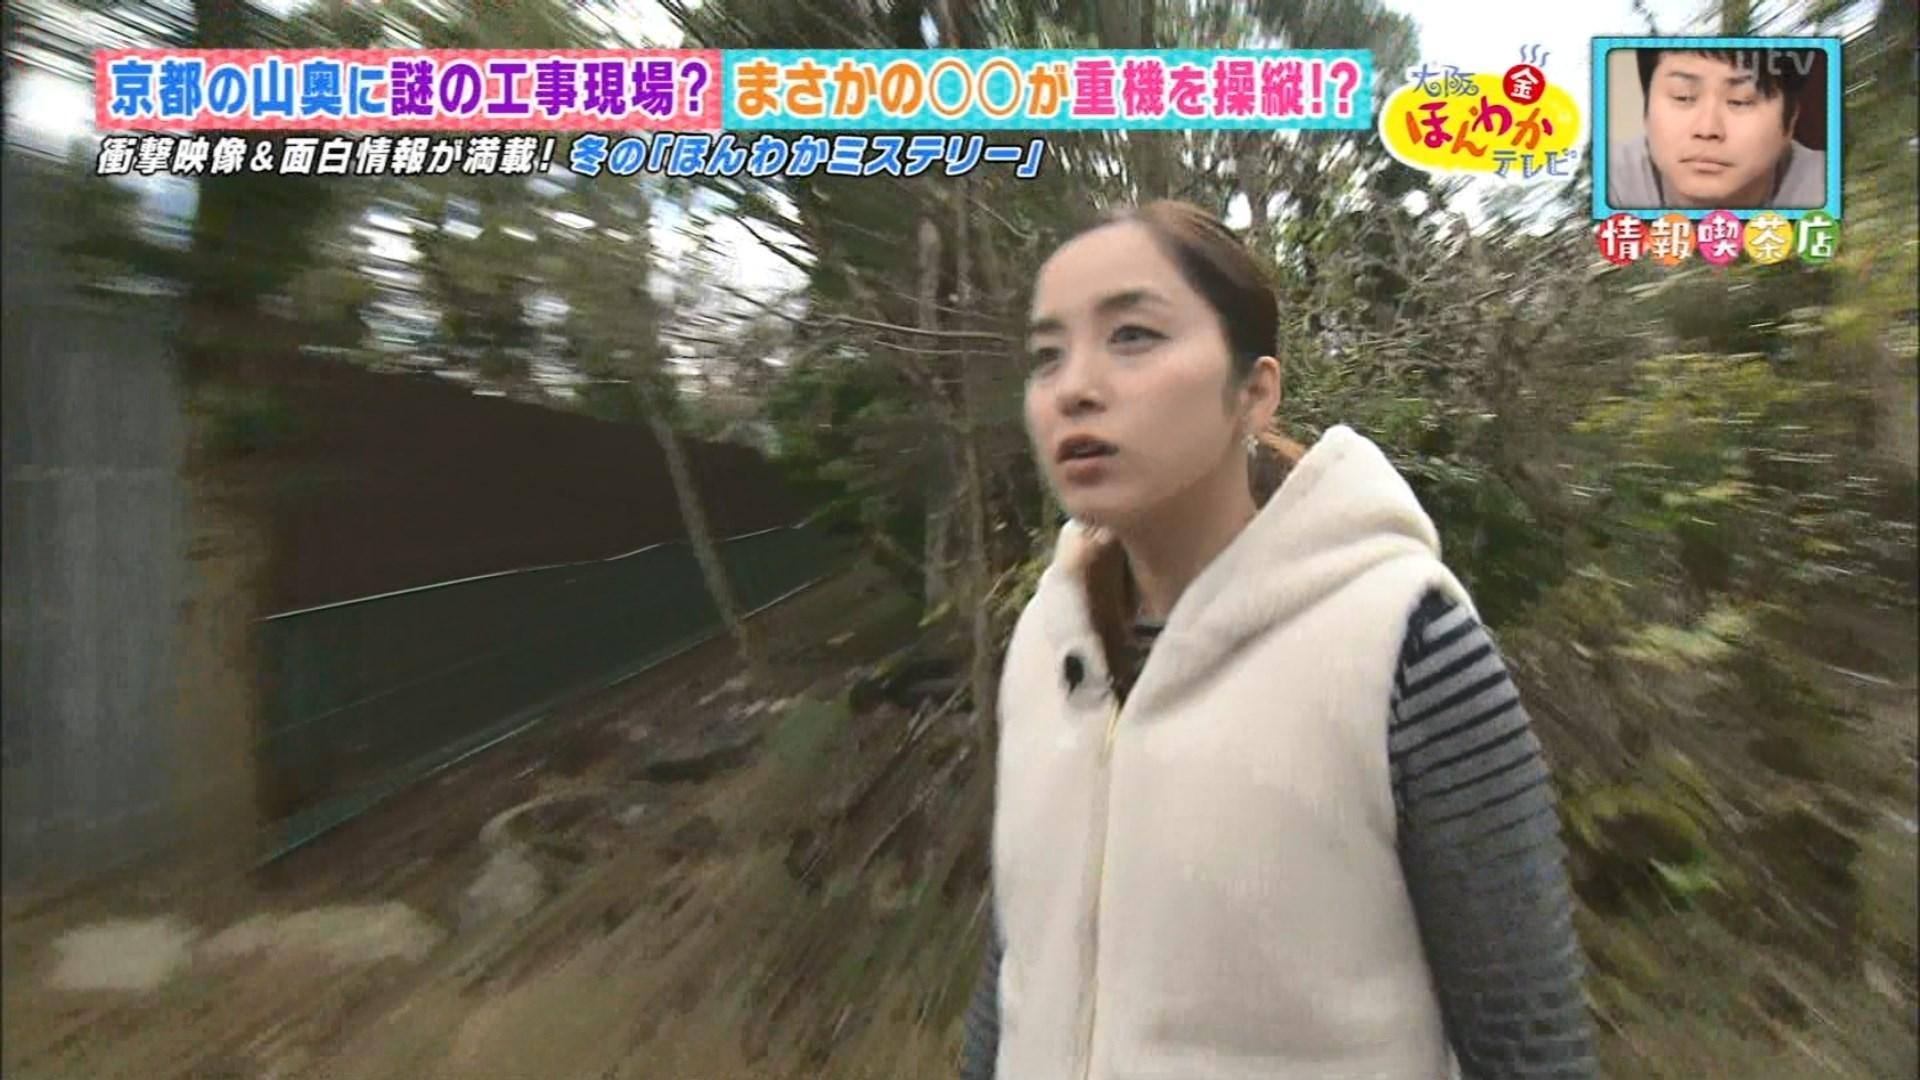 大阪ほんわかテレビ・武田訓佳さんのお尻キャプ画像4